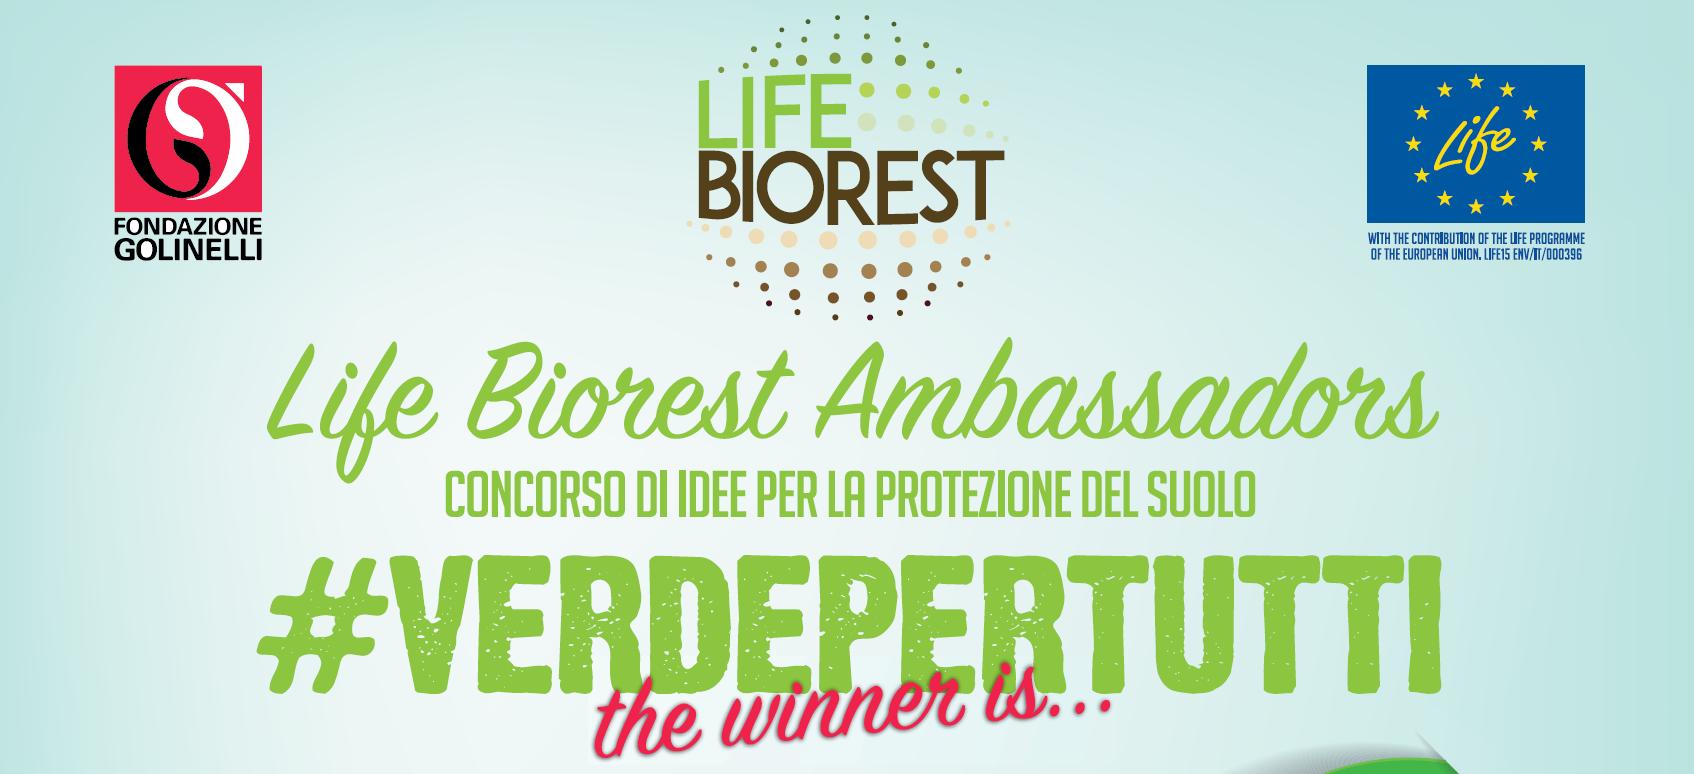 Life Biorest Ambassador award - cover